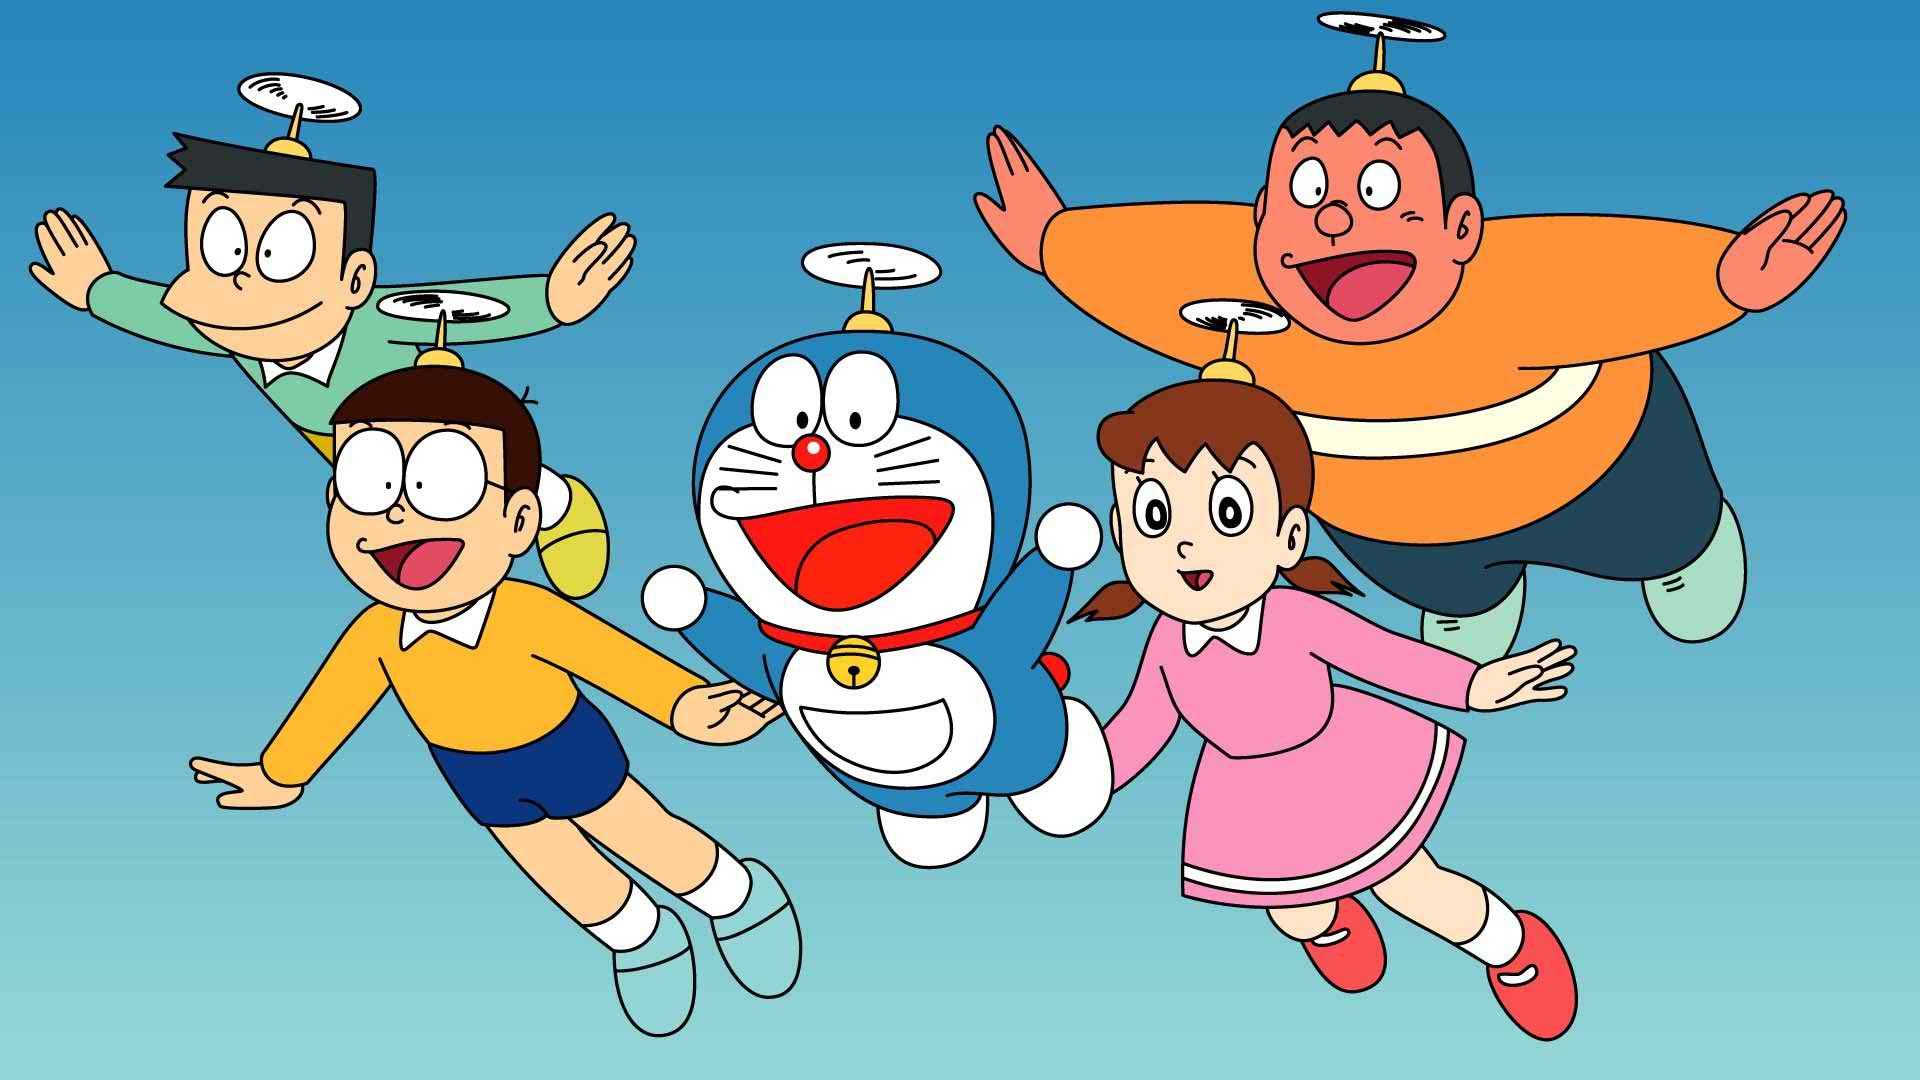 1920x1080 Hình nền Doraemon, Hình nền hoạt hình HD Doraemon